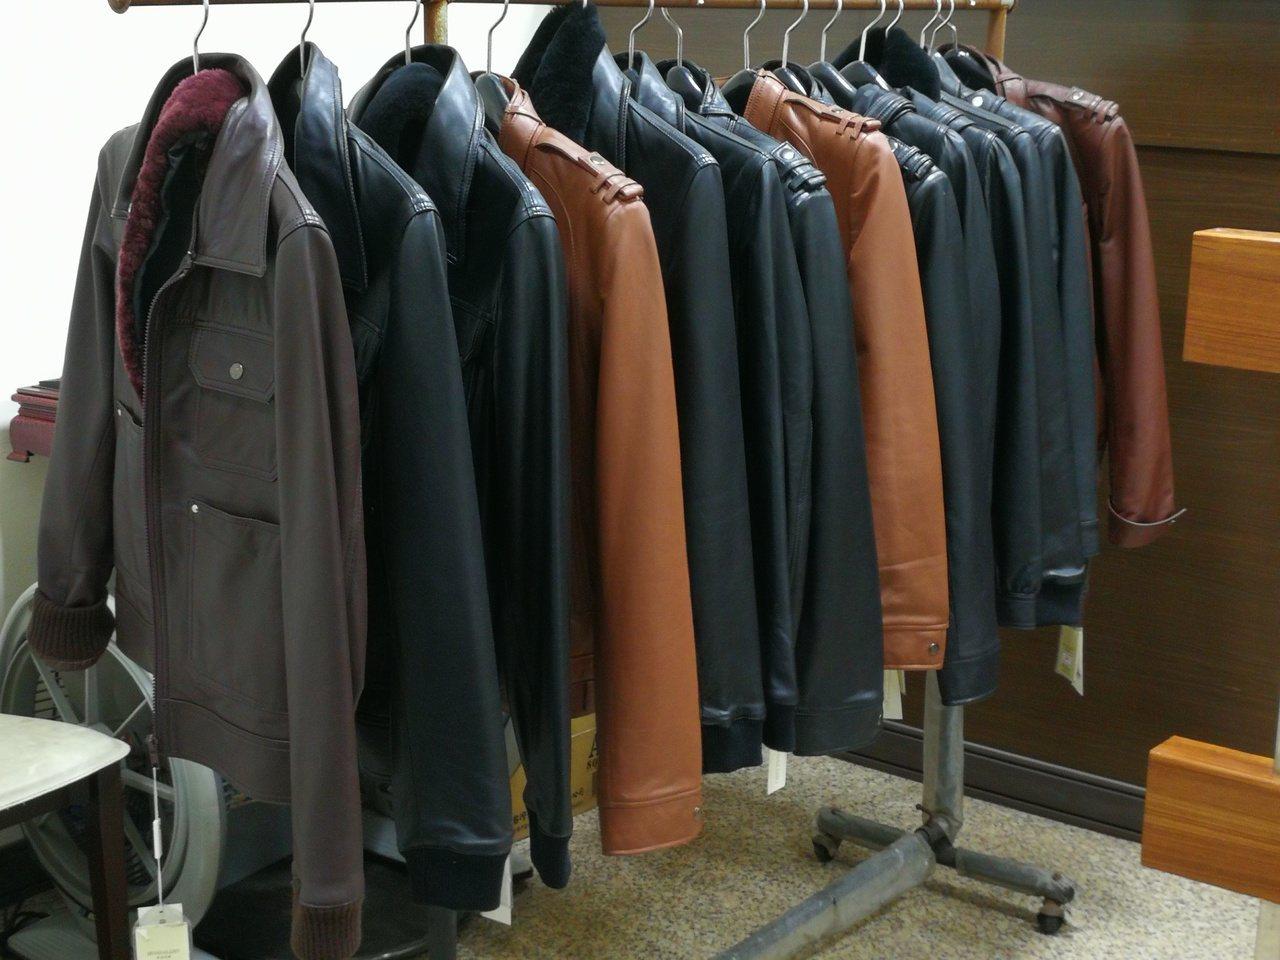 行政執行署高雄分署12月5日將拍賣皮衣188件。記者林伯驊/翻攝